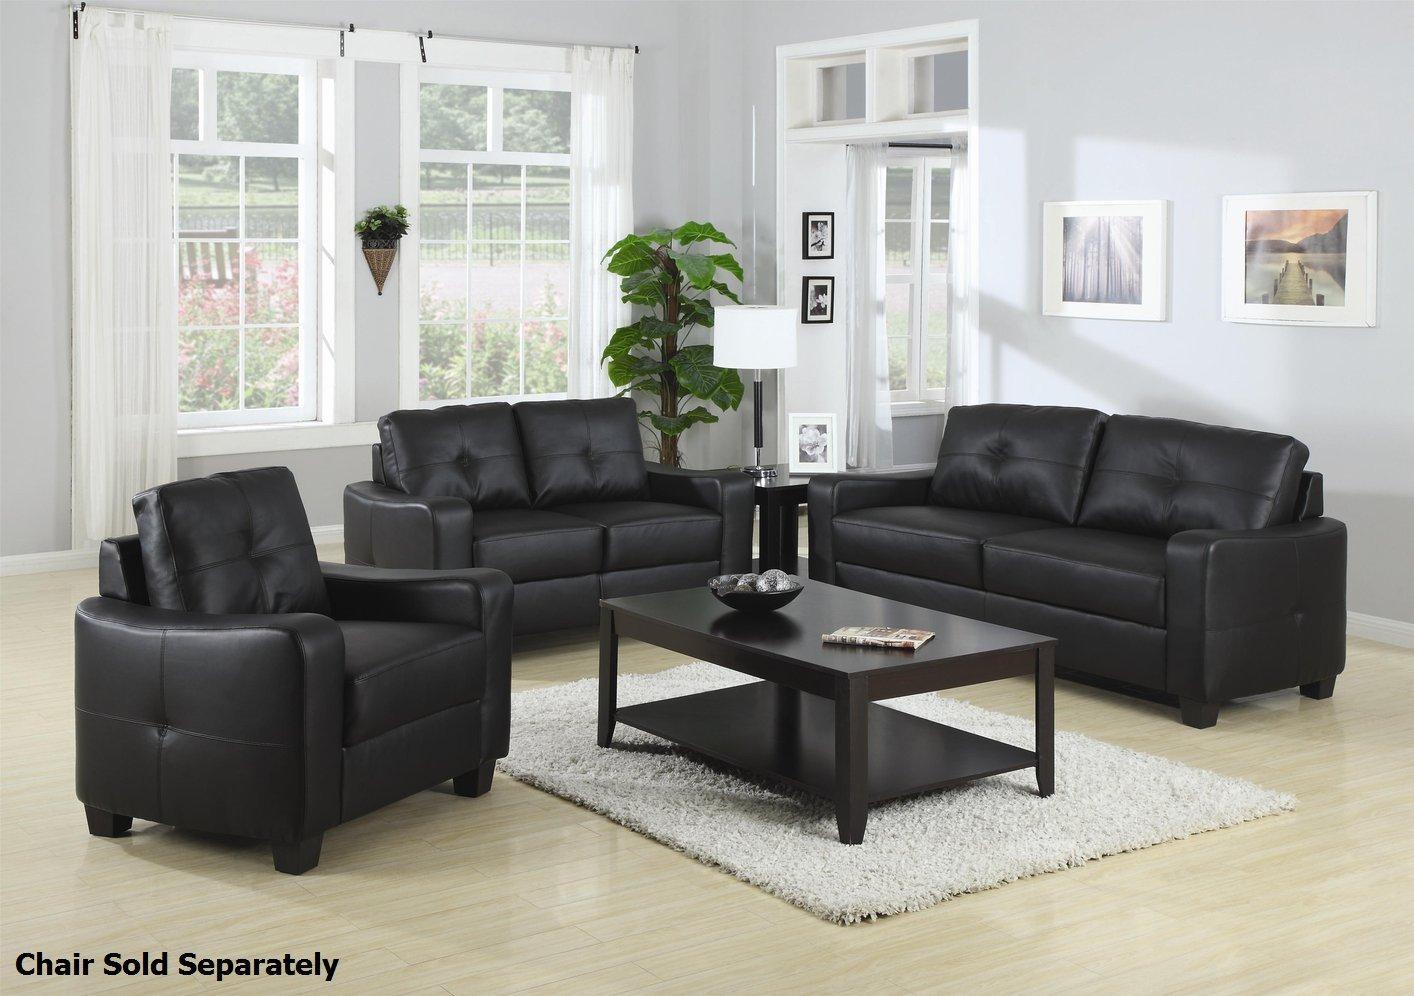 Jasmine Black Leather Sofa And Loveseat Set - Steal-A-Sofa in Black Leather Sofas and Loveseat Sets